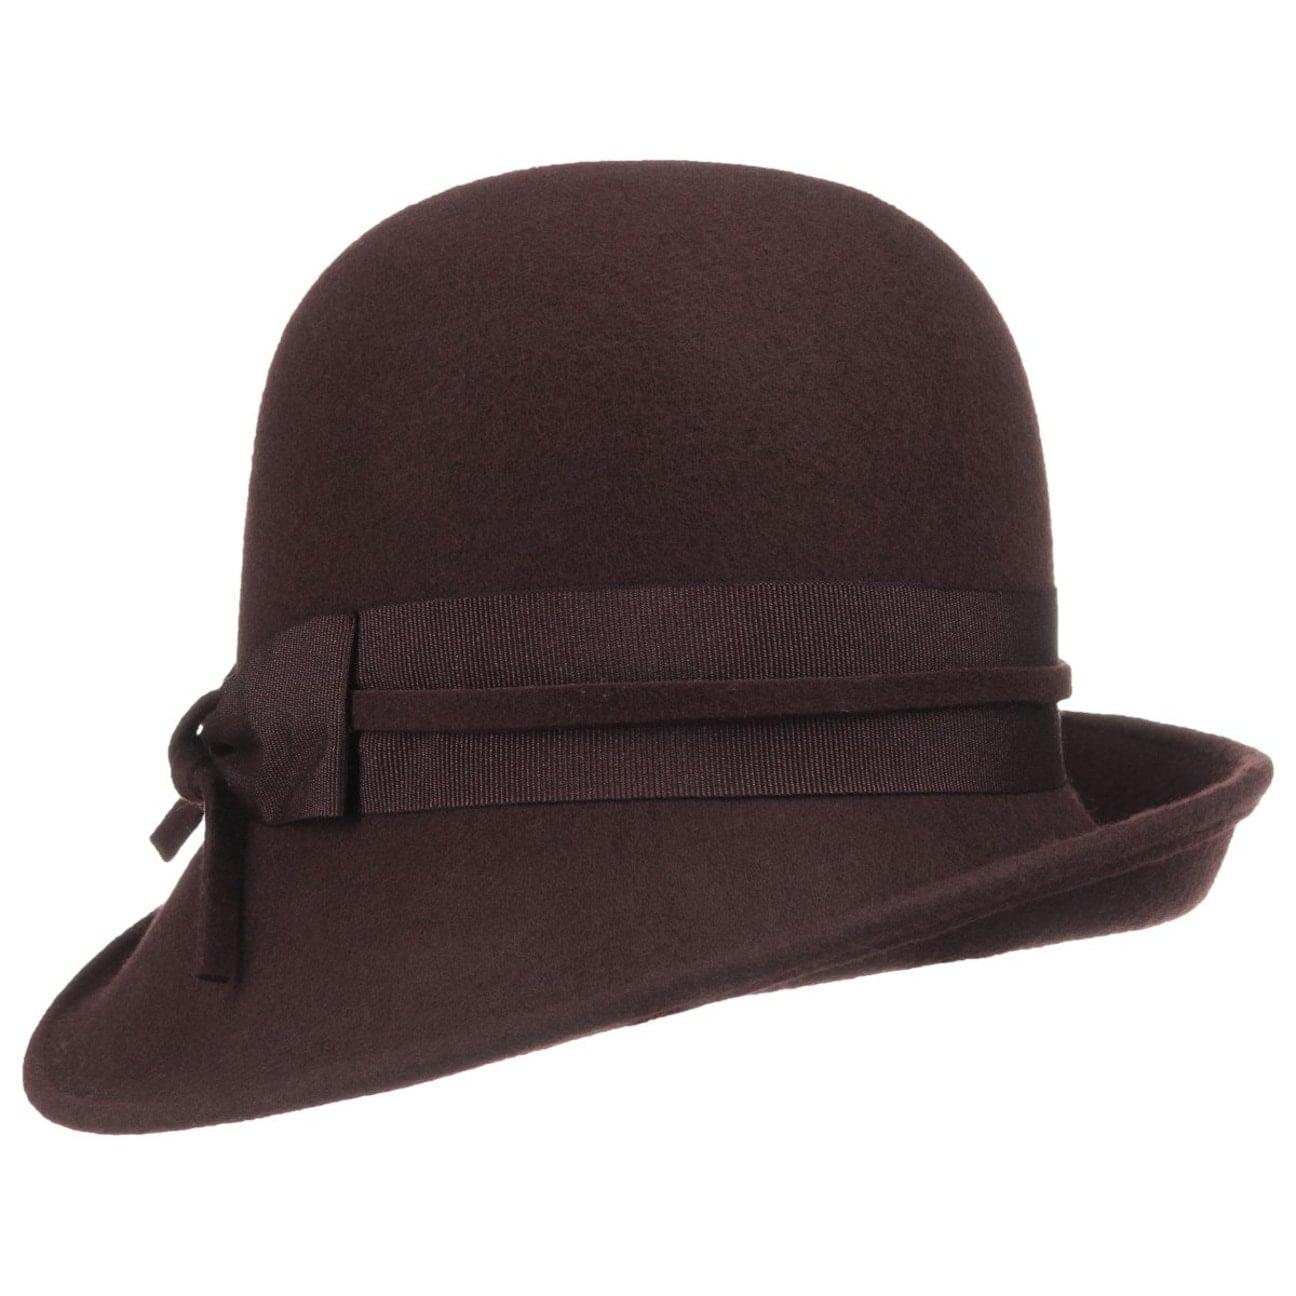 Sombrero Cloch? Vegenia by Bront?  sombrero de lana